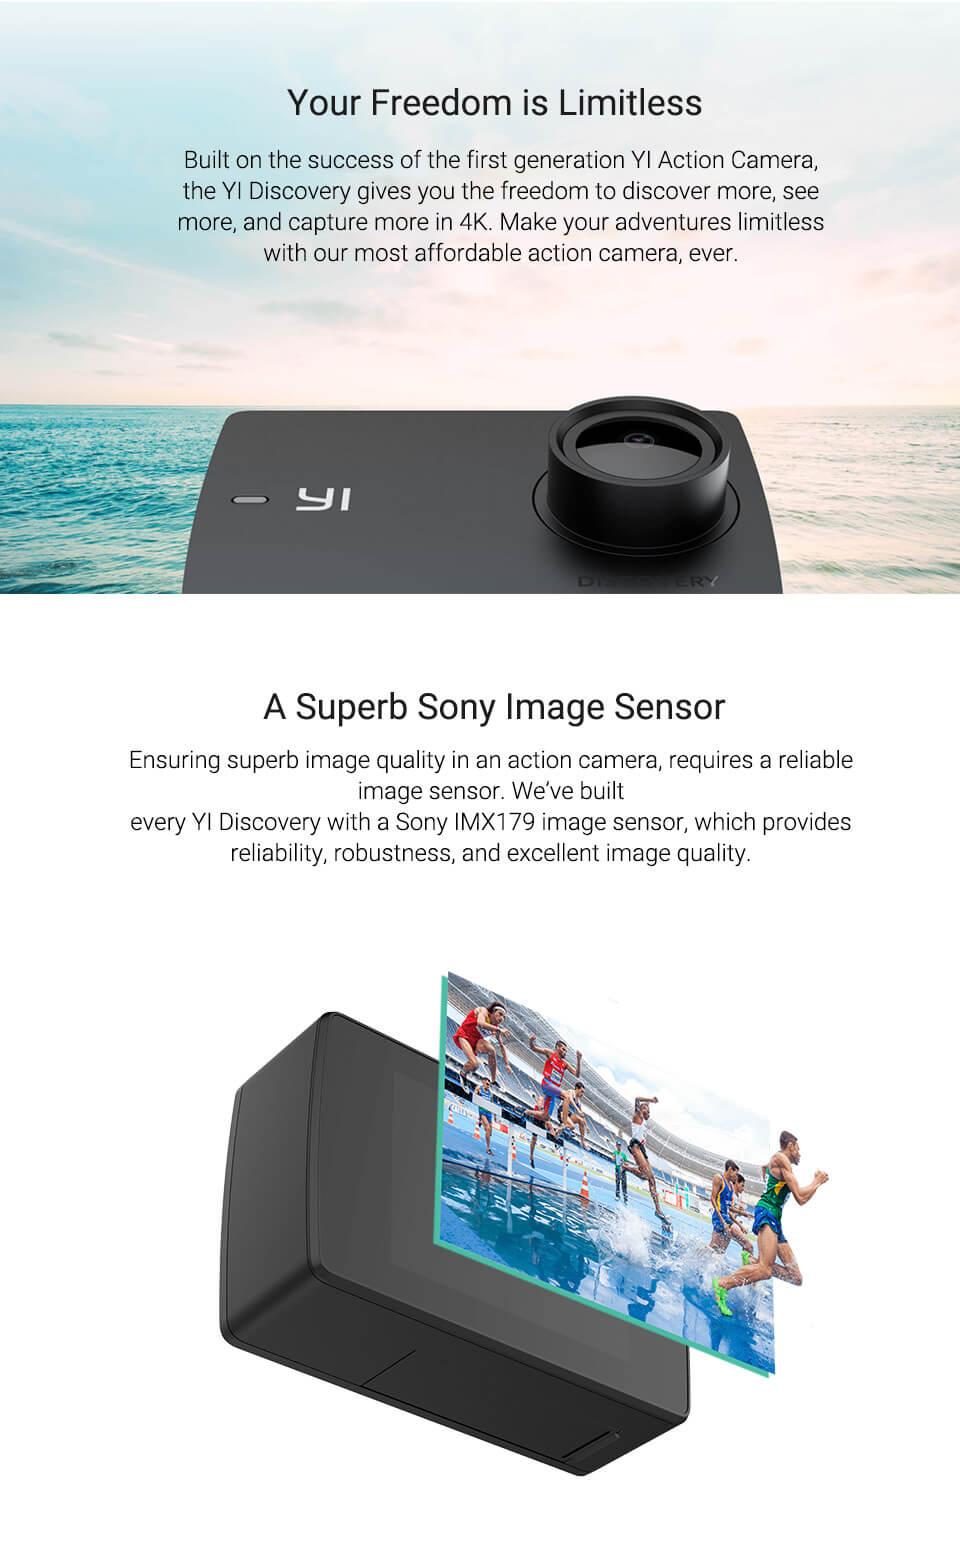 yi discovery camera